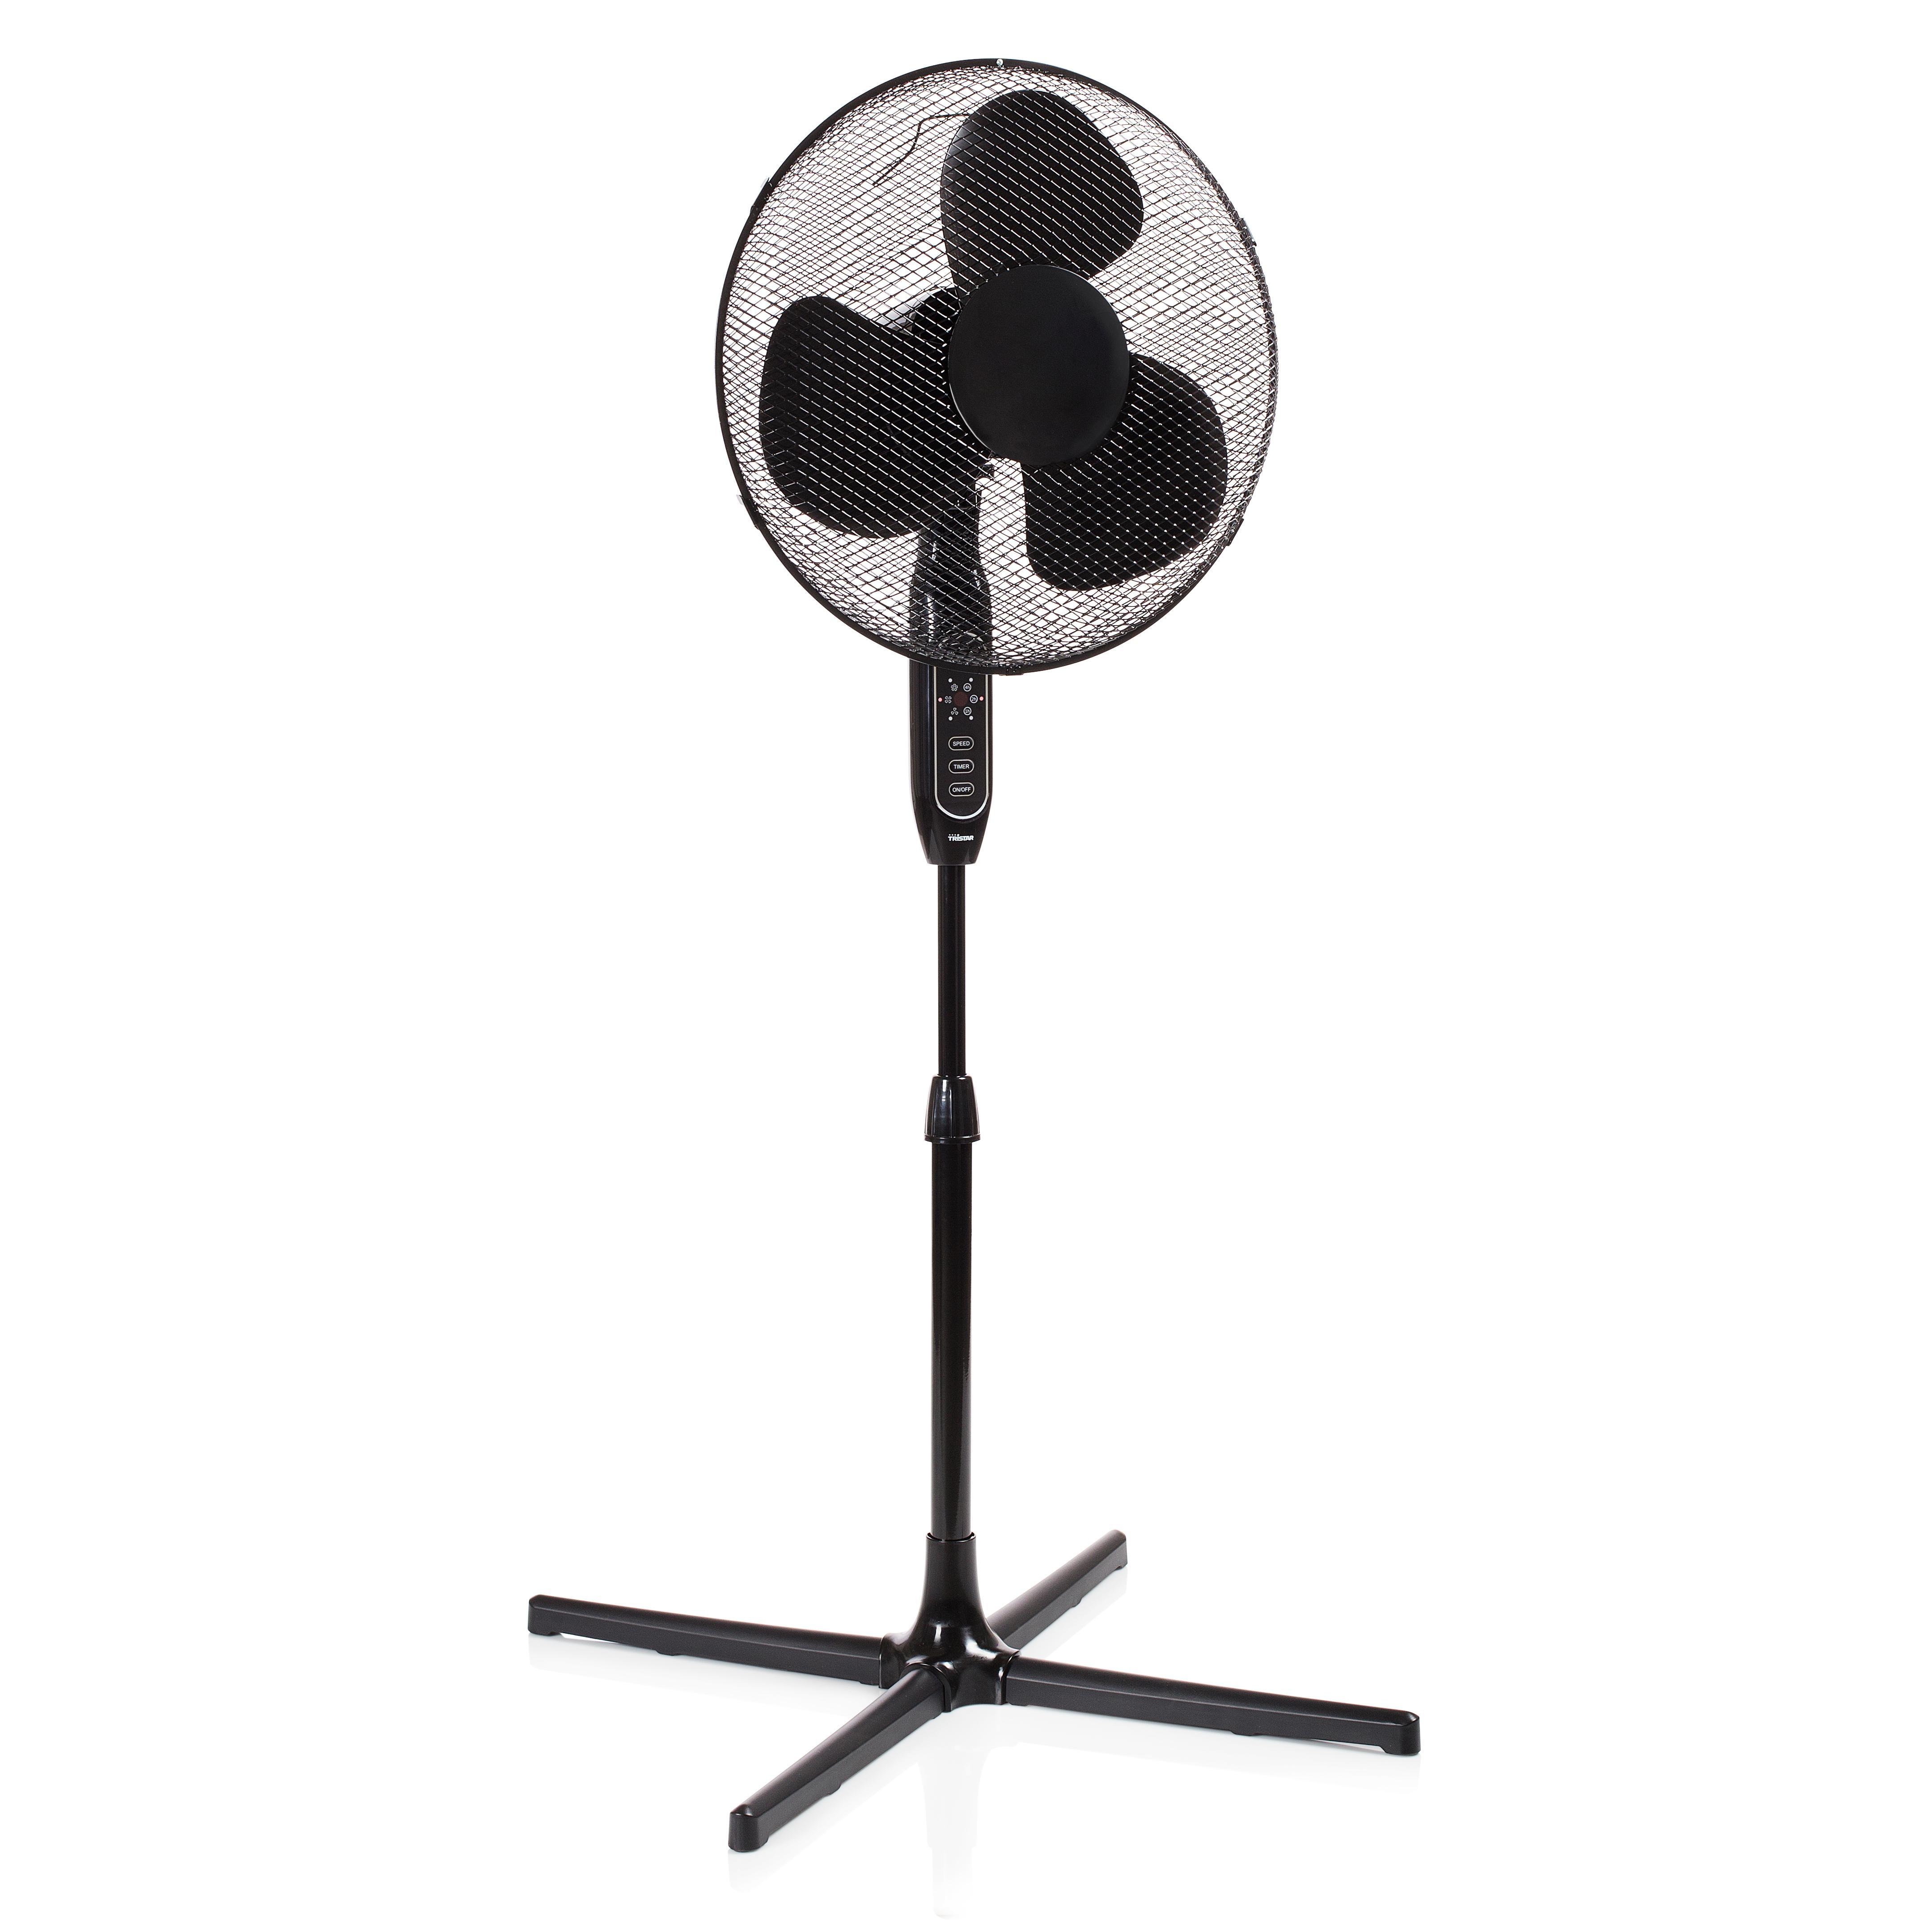 Ventilador de pie Tristar VE 5889 – 40 centímetros – Control remoto – Negro: Amazon.es: Hogar